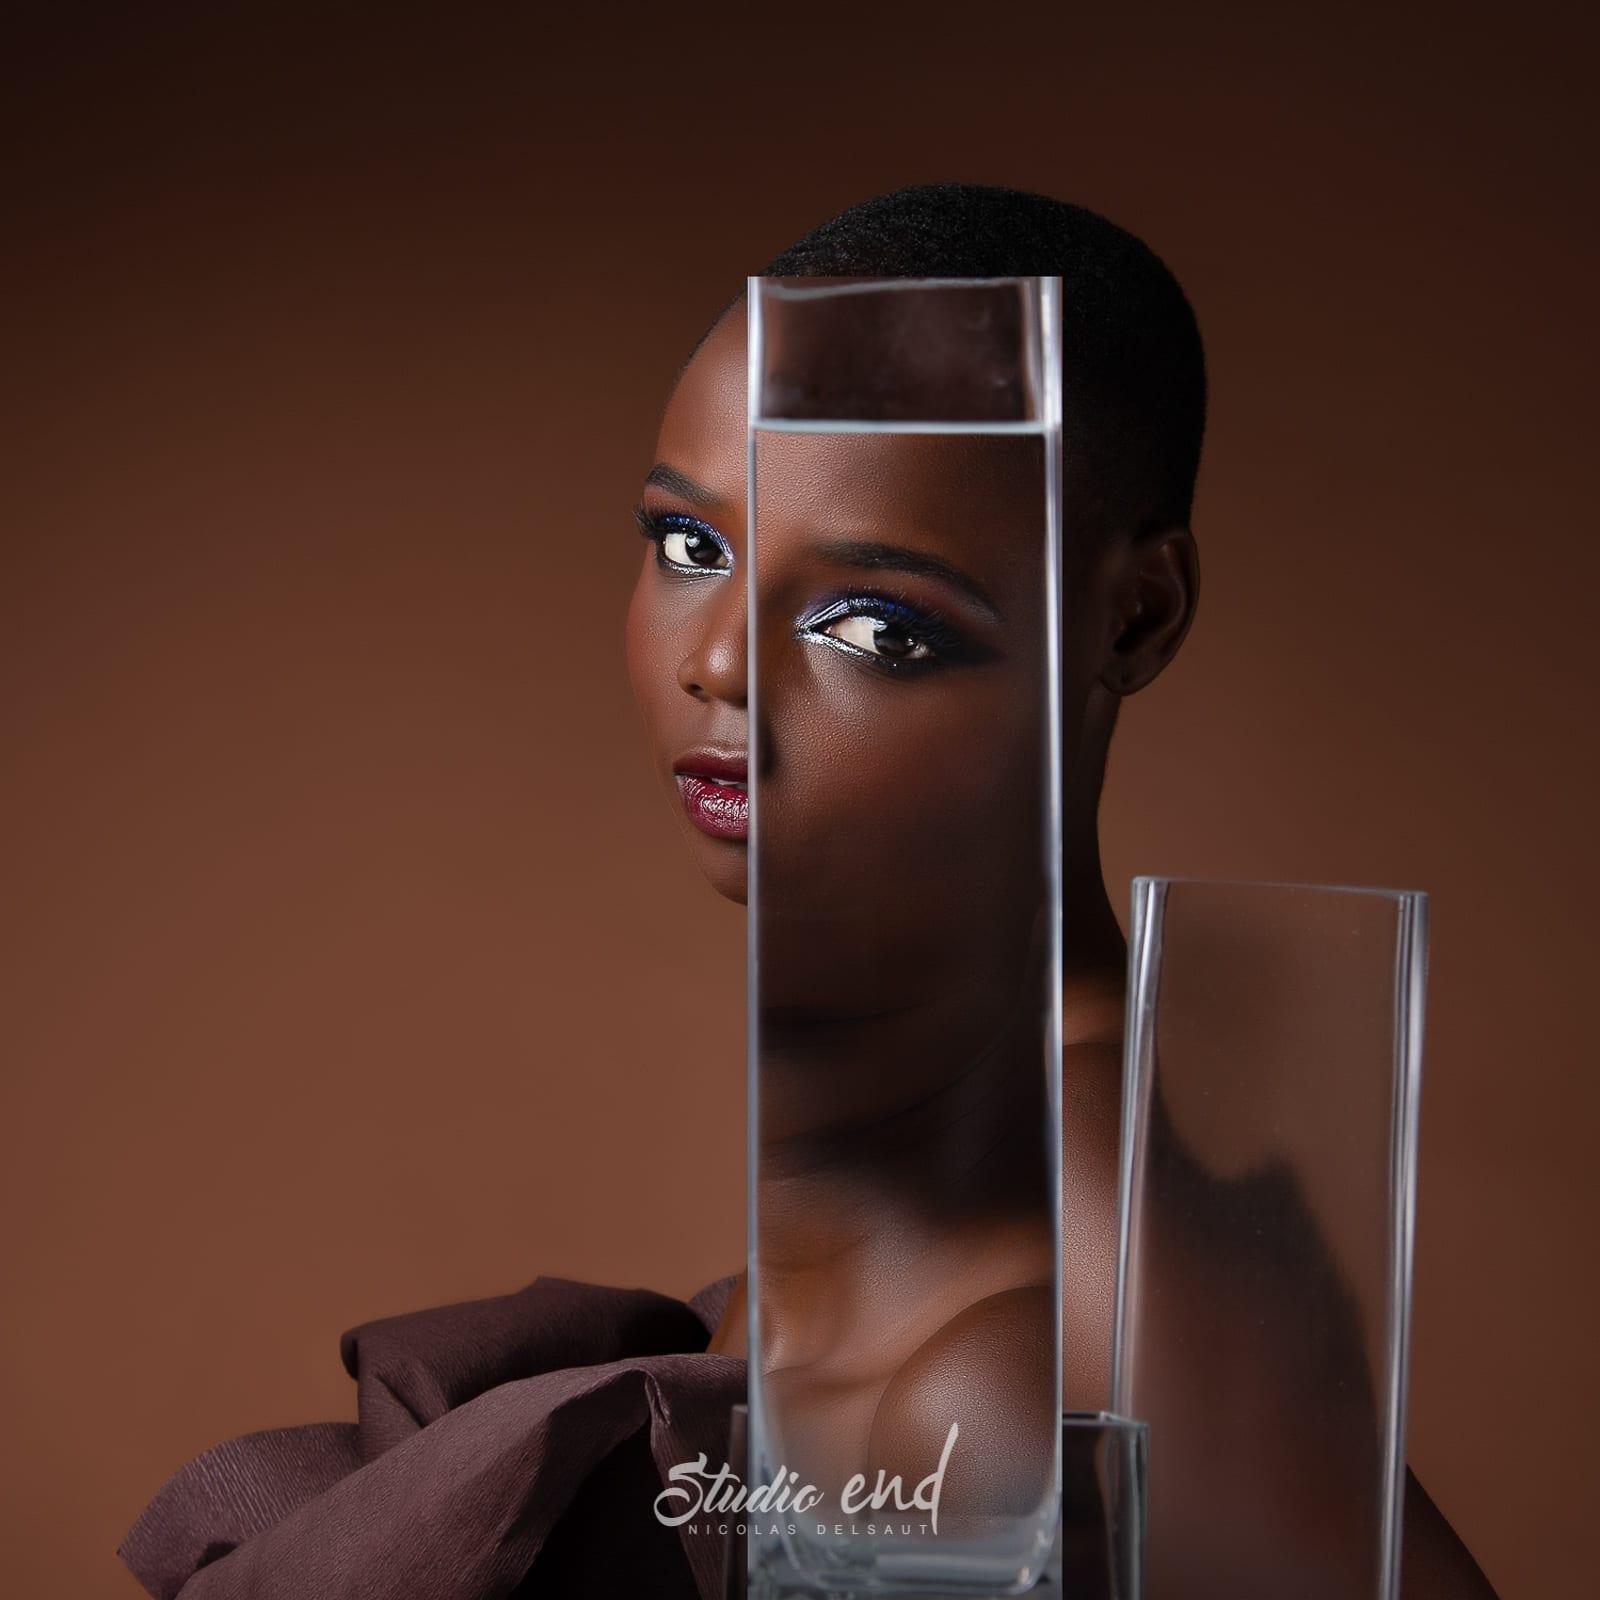 Projet artistique Afrikin, Emeline Delsaut, exposé aux Etats Unis eclat